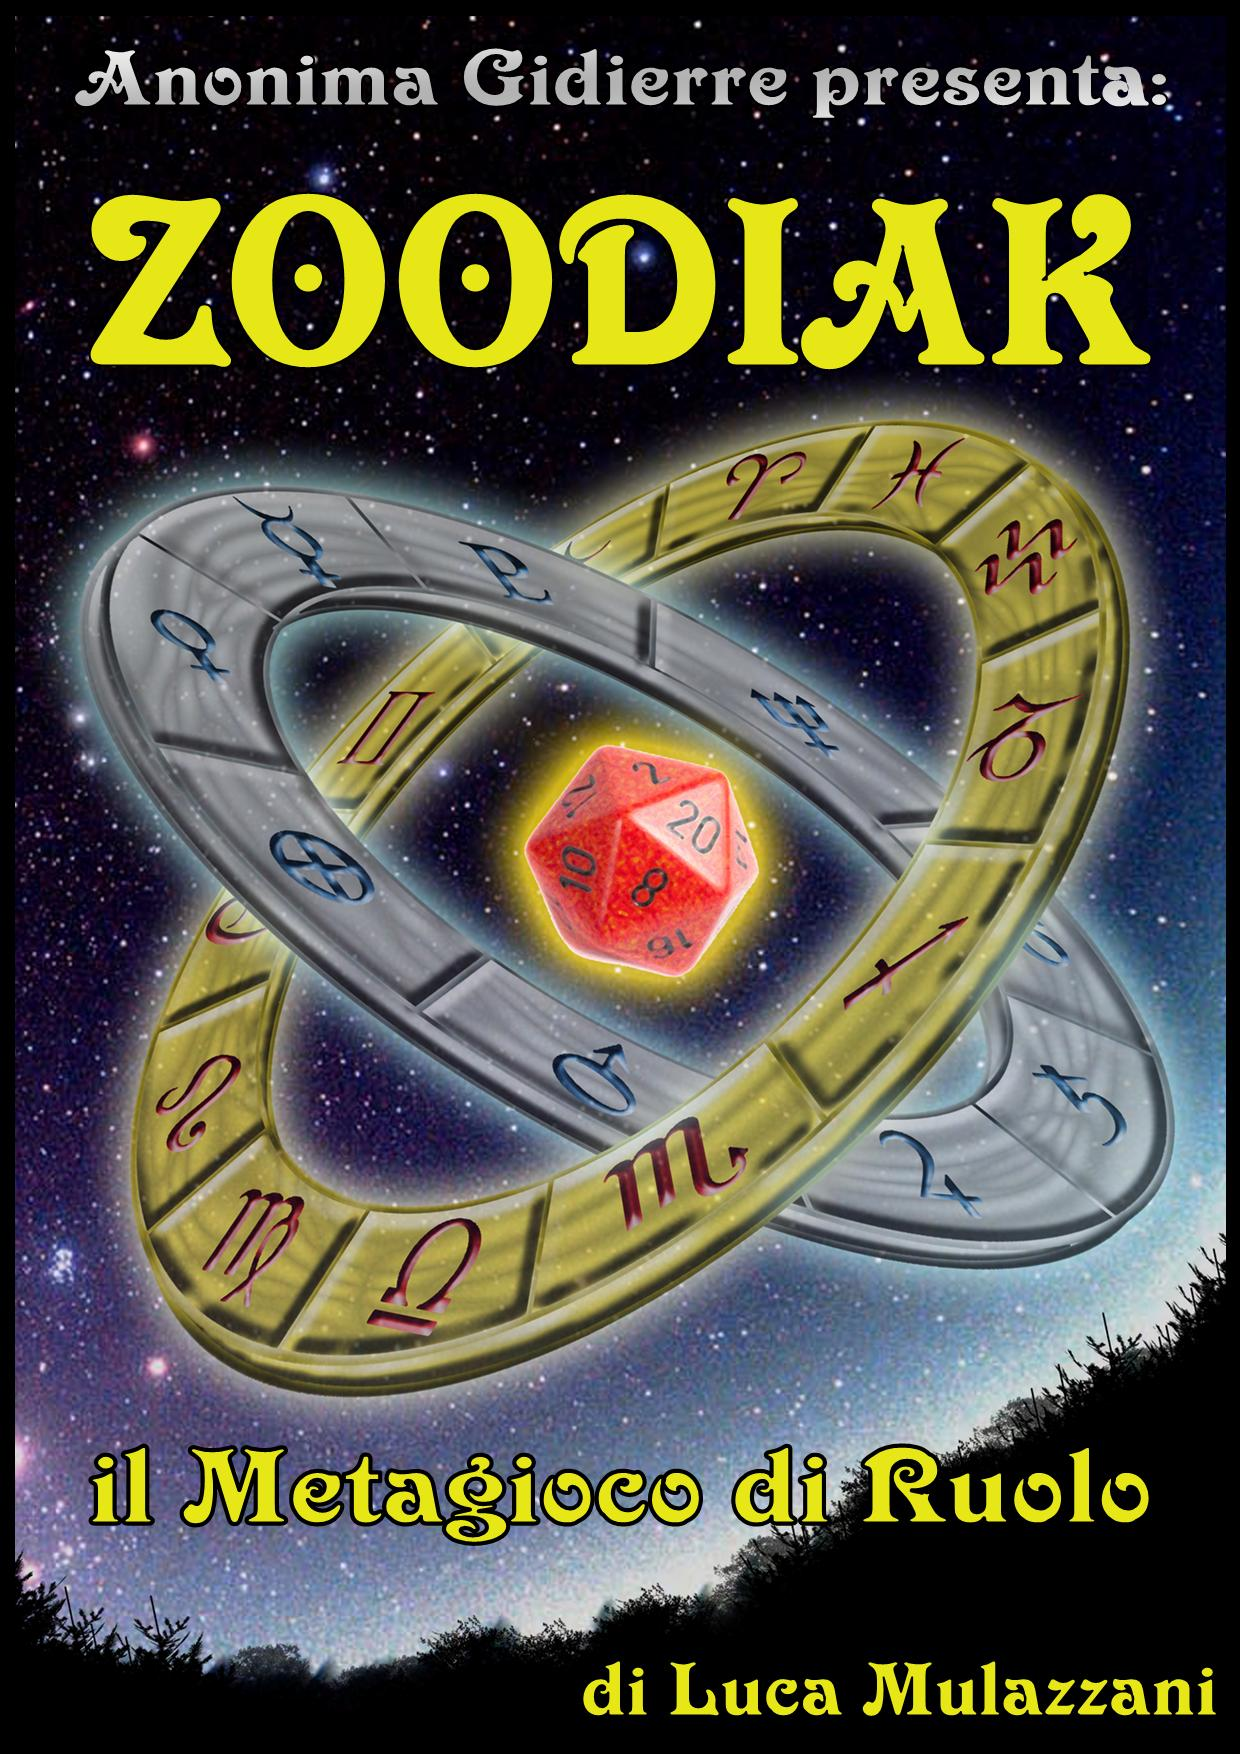 Zoodiak - il Metagioco di Ruolo